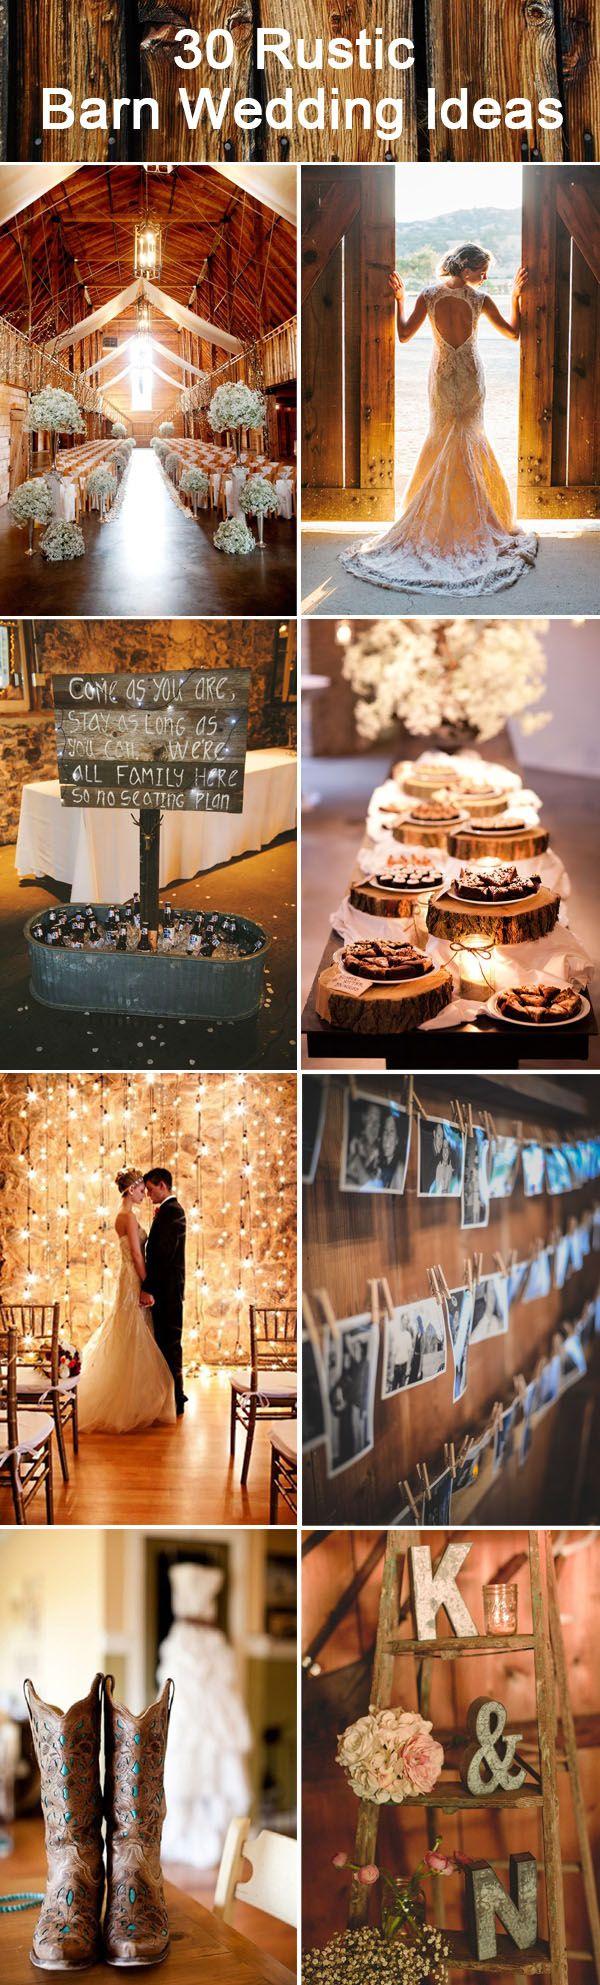 30 Inspirational Rustic Barn Wedding Ideas #barnweddings